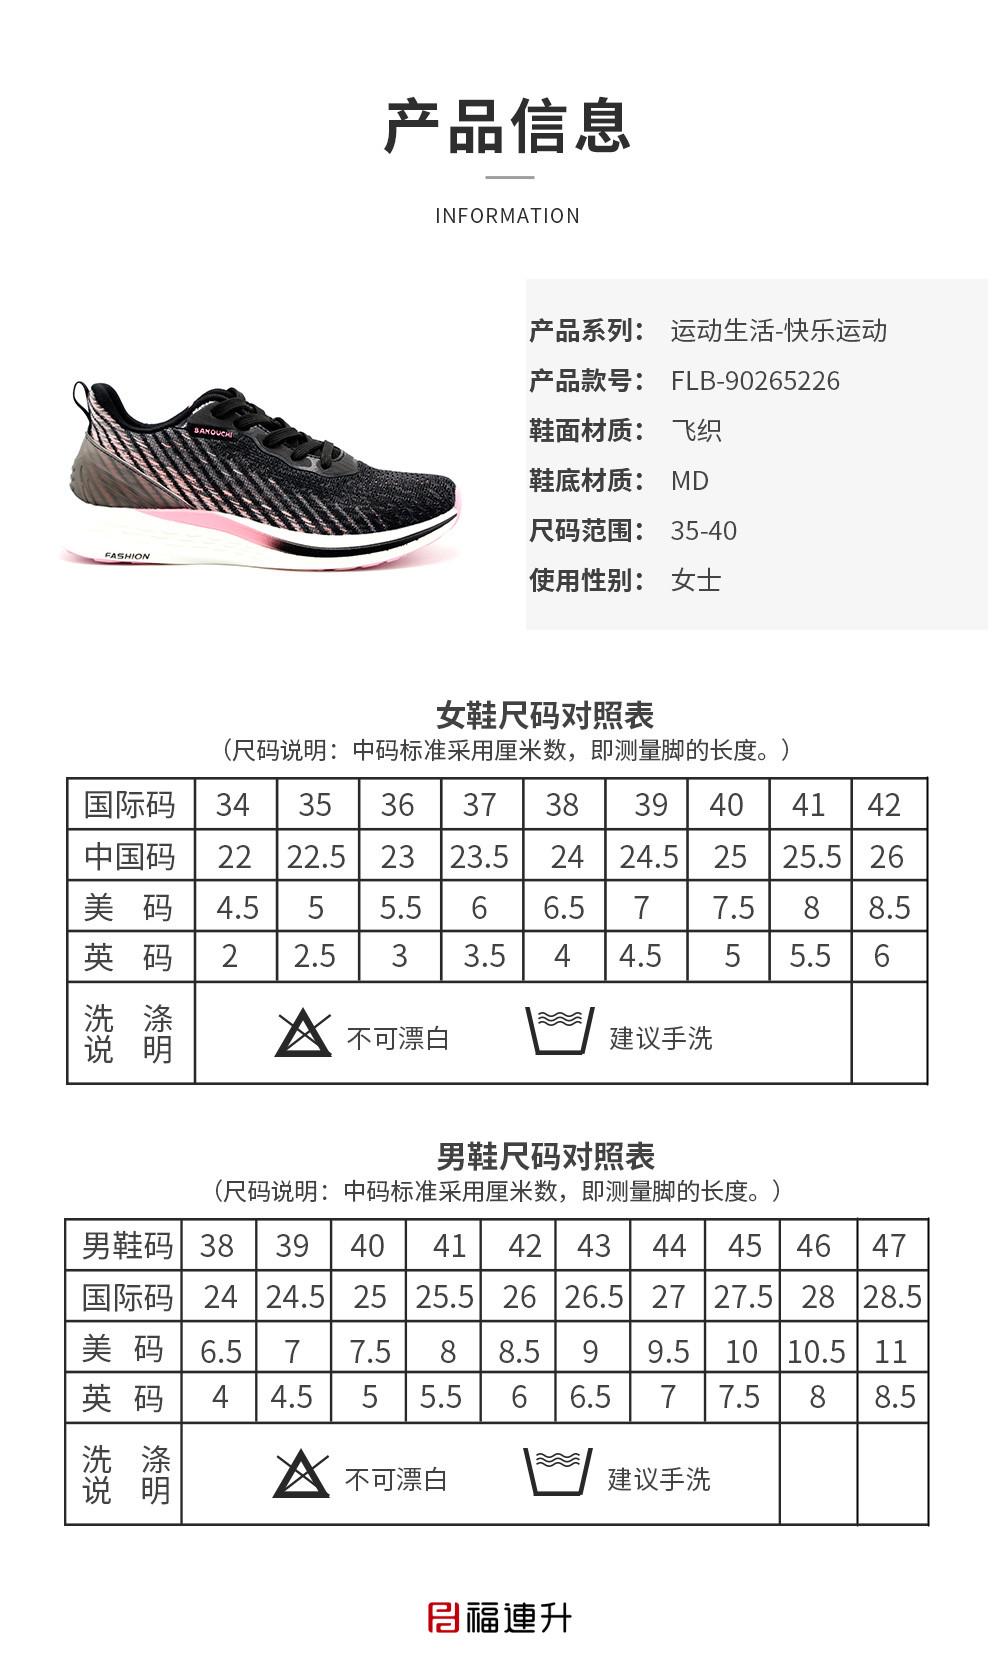 福连升休闲运动鞋女飞织缓震跑步鞋图片